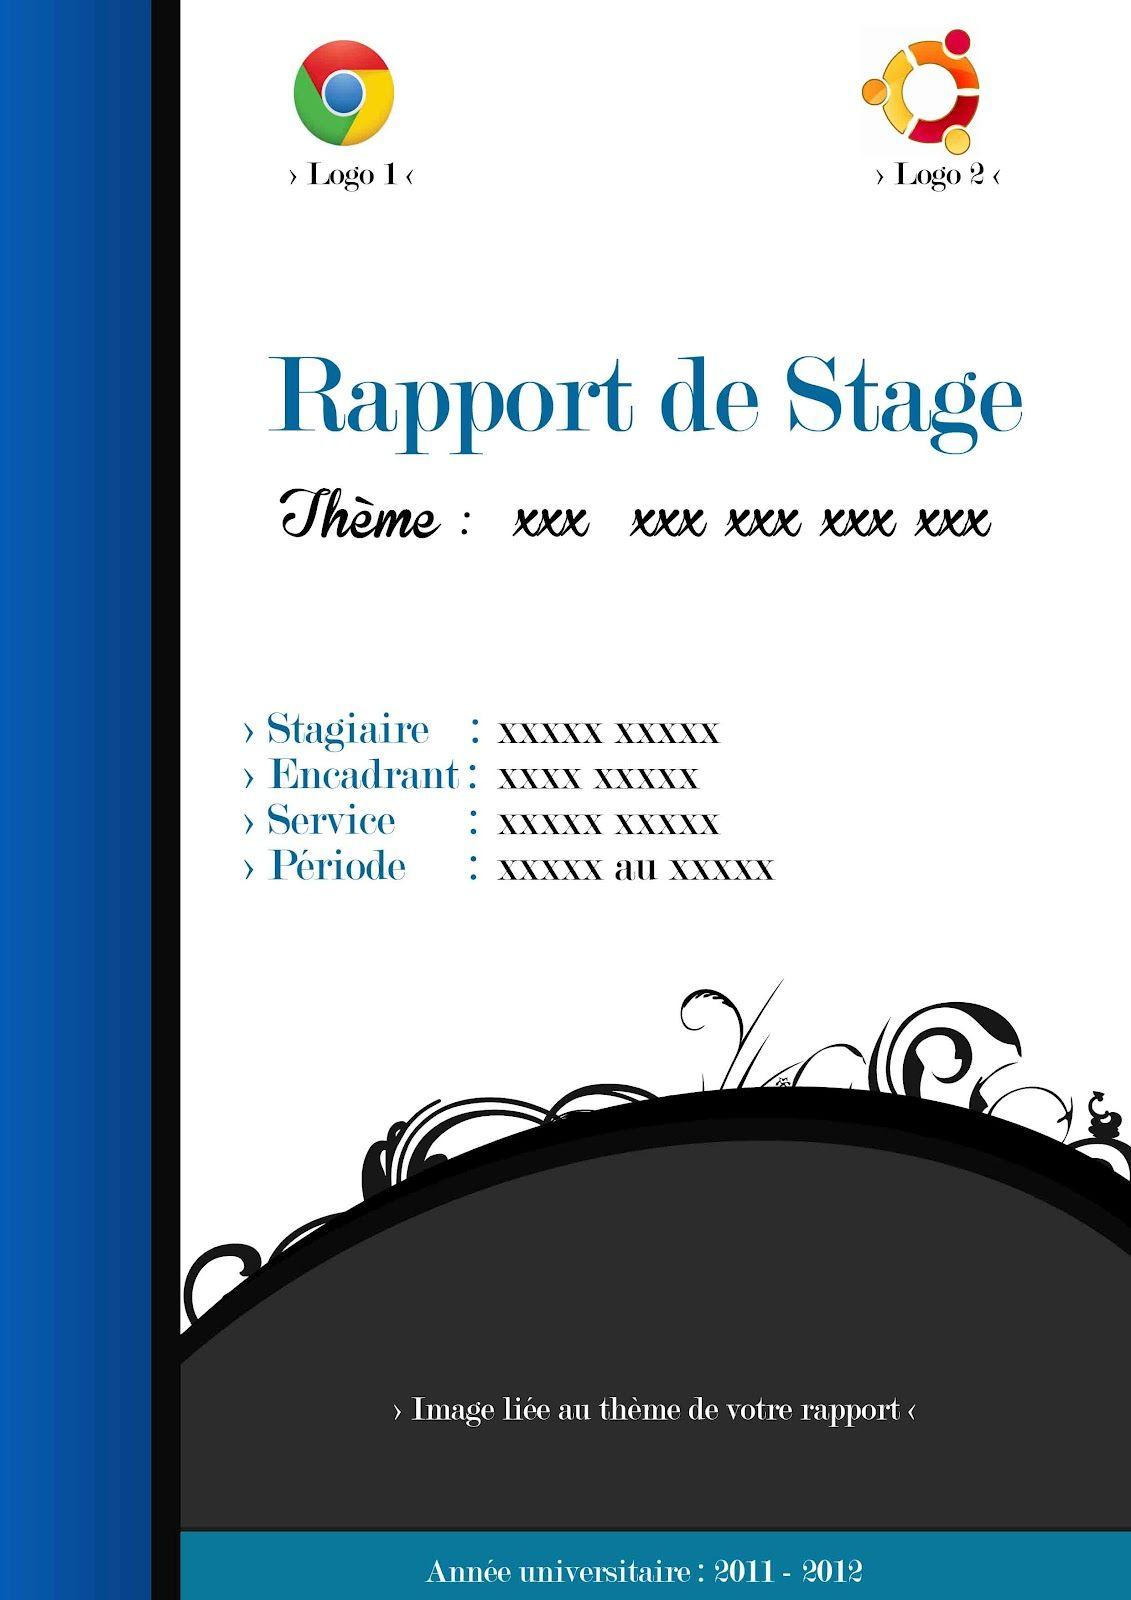 Idée page présentation rapport de stage Rapport de Stage